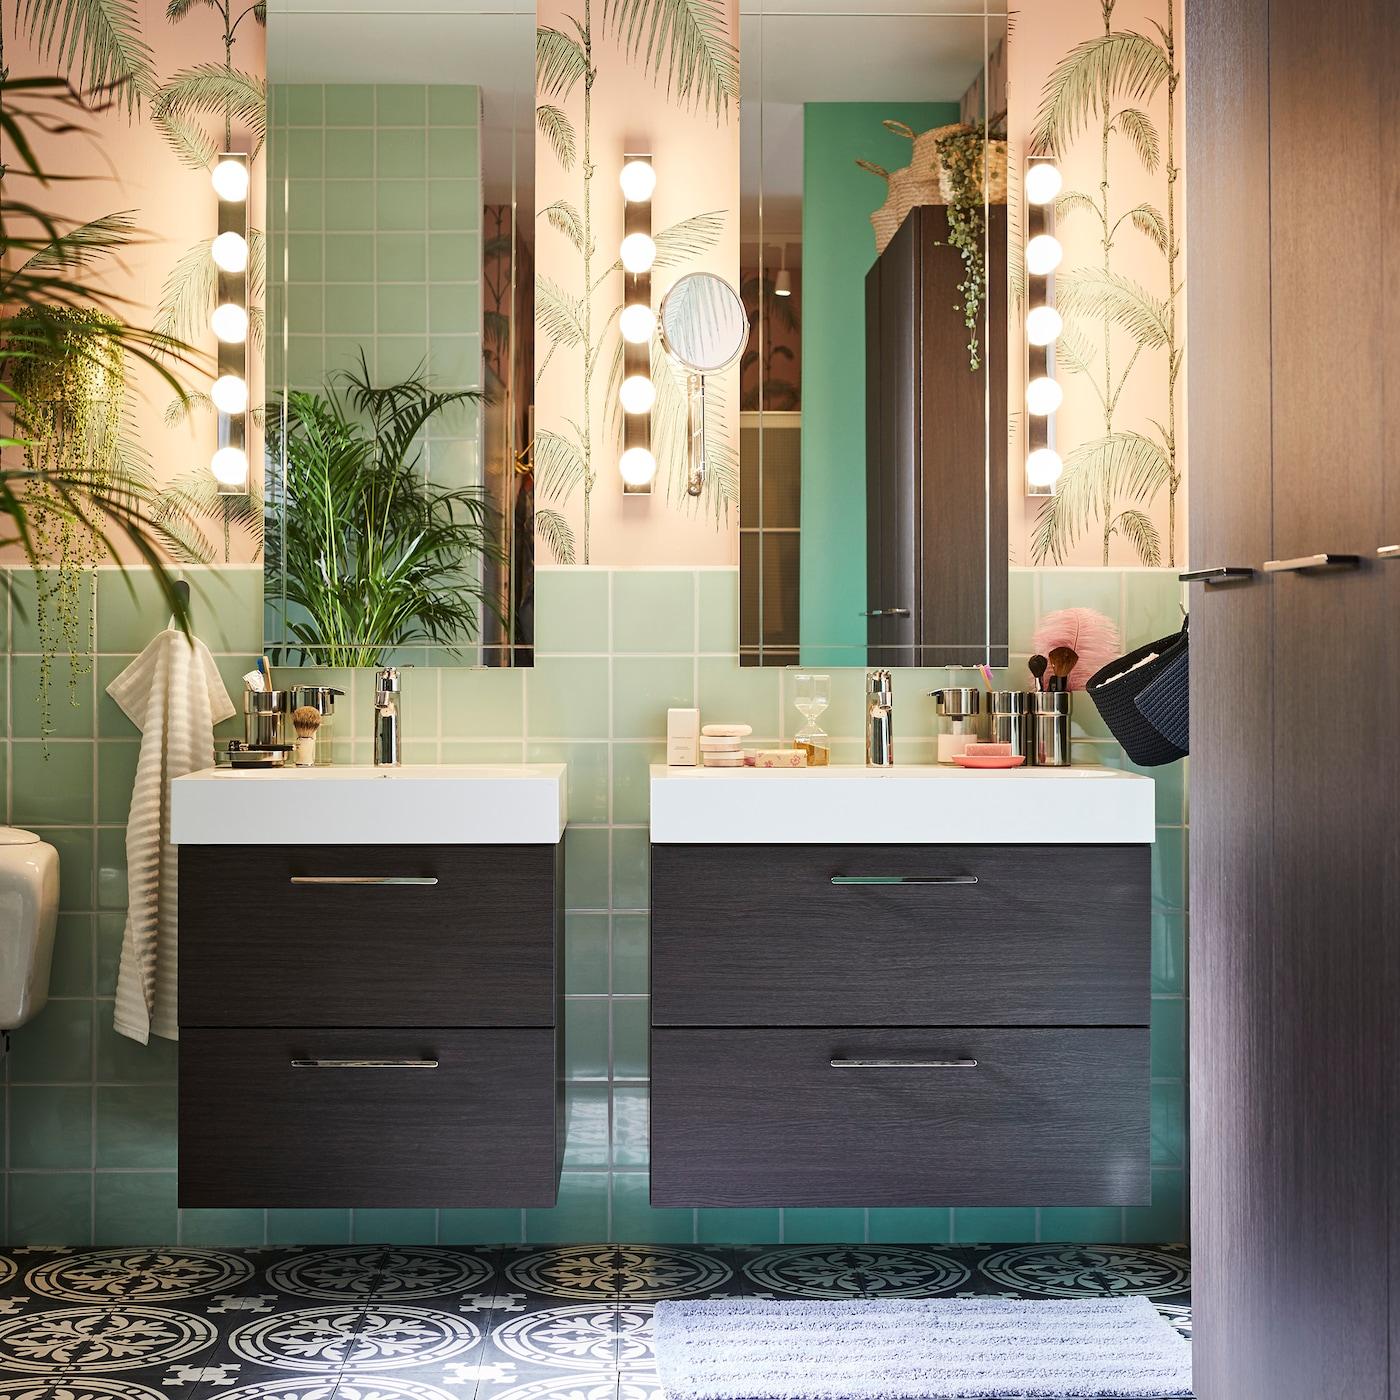 Fürdőszoba 2 tükörrel, 2 mosdóval és tárolóhellyel, kihúzható részekkel, fali világítással és növénnyel.